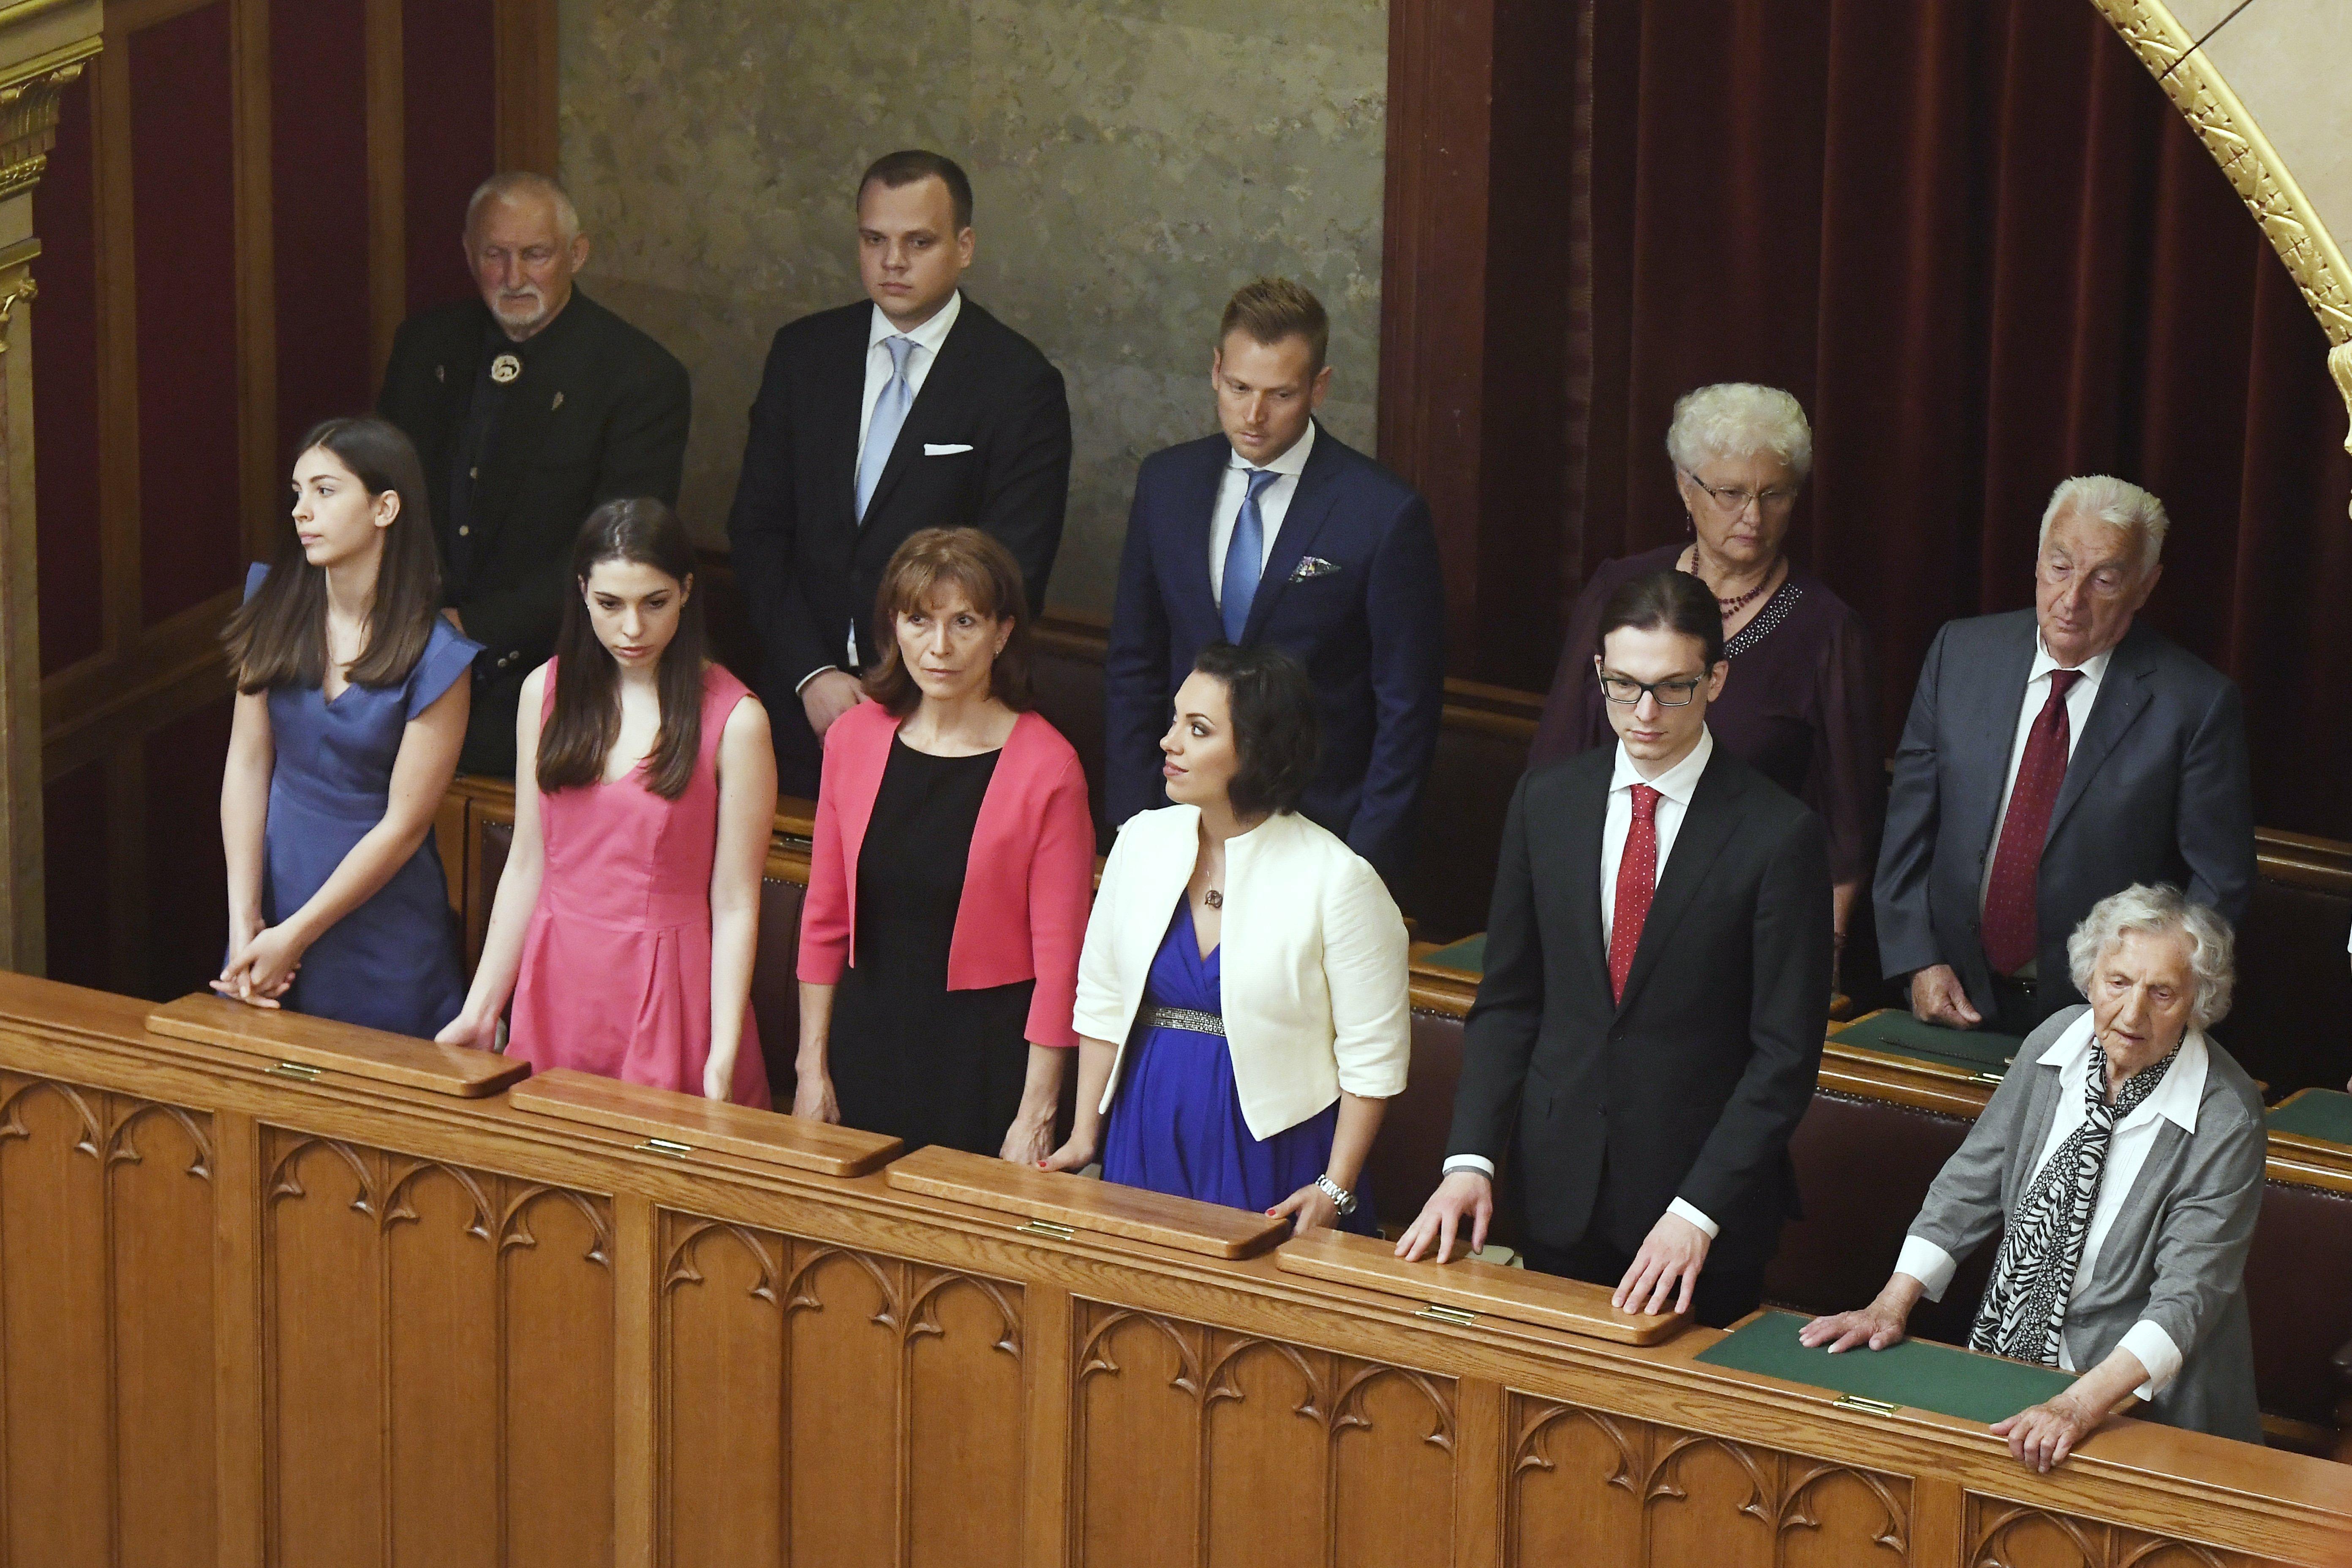 Így gazdagodtak meg az Orbán család tagjai